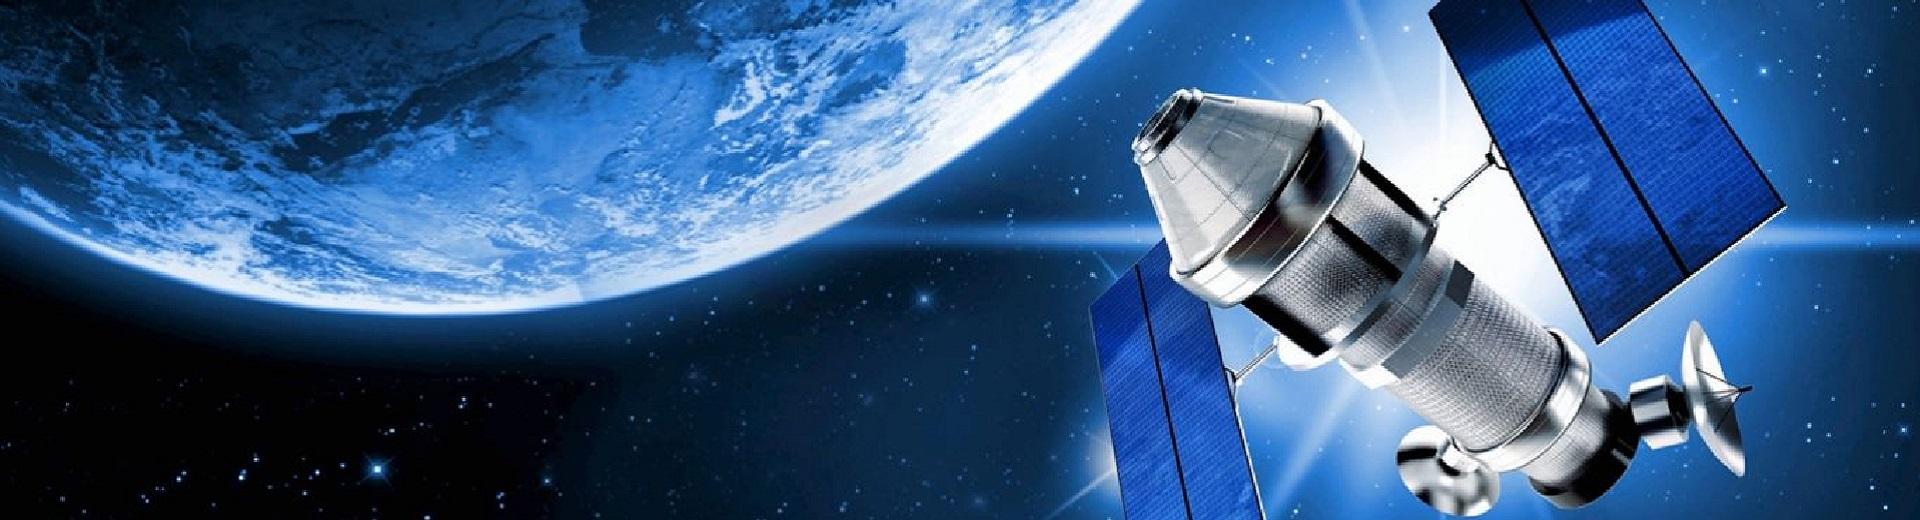 Портал КФУ \ Образование \ Институт физики \ Абитуриенту \ Направления обучения \ Геодезия и дистанционное зондирование